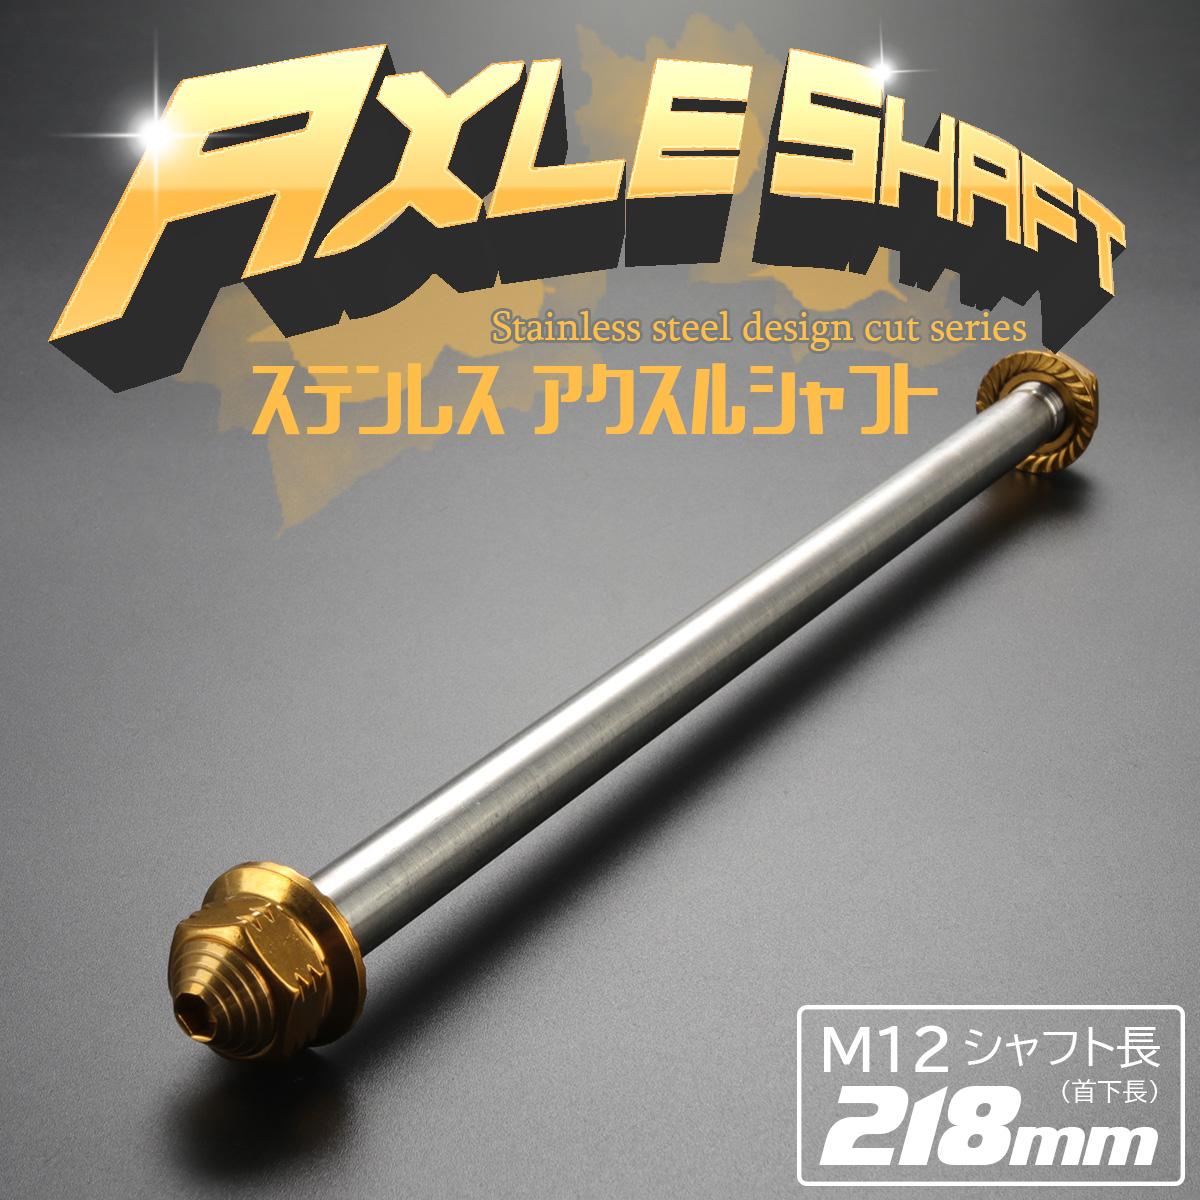 汎用 ステンレス アクスルシャフト M12 218mm ゴールド 4ミニ 原付など TH0356